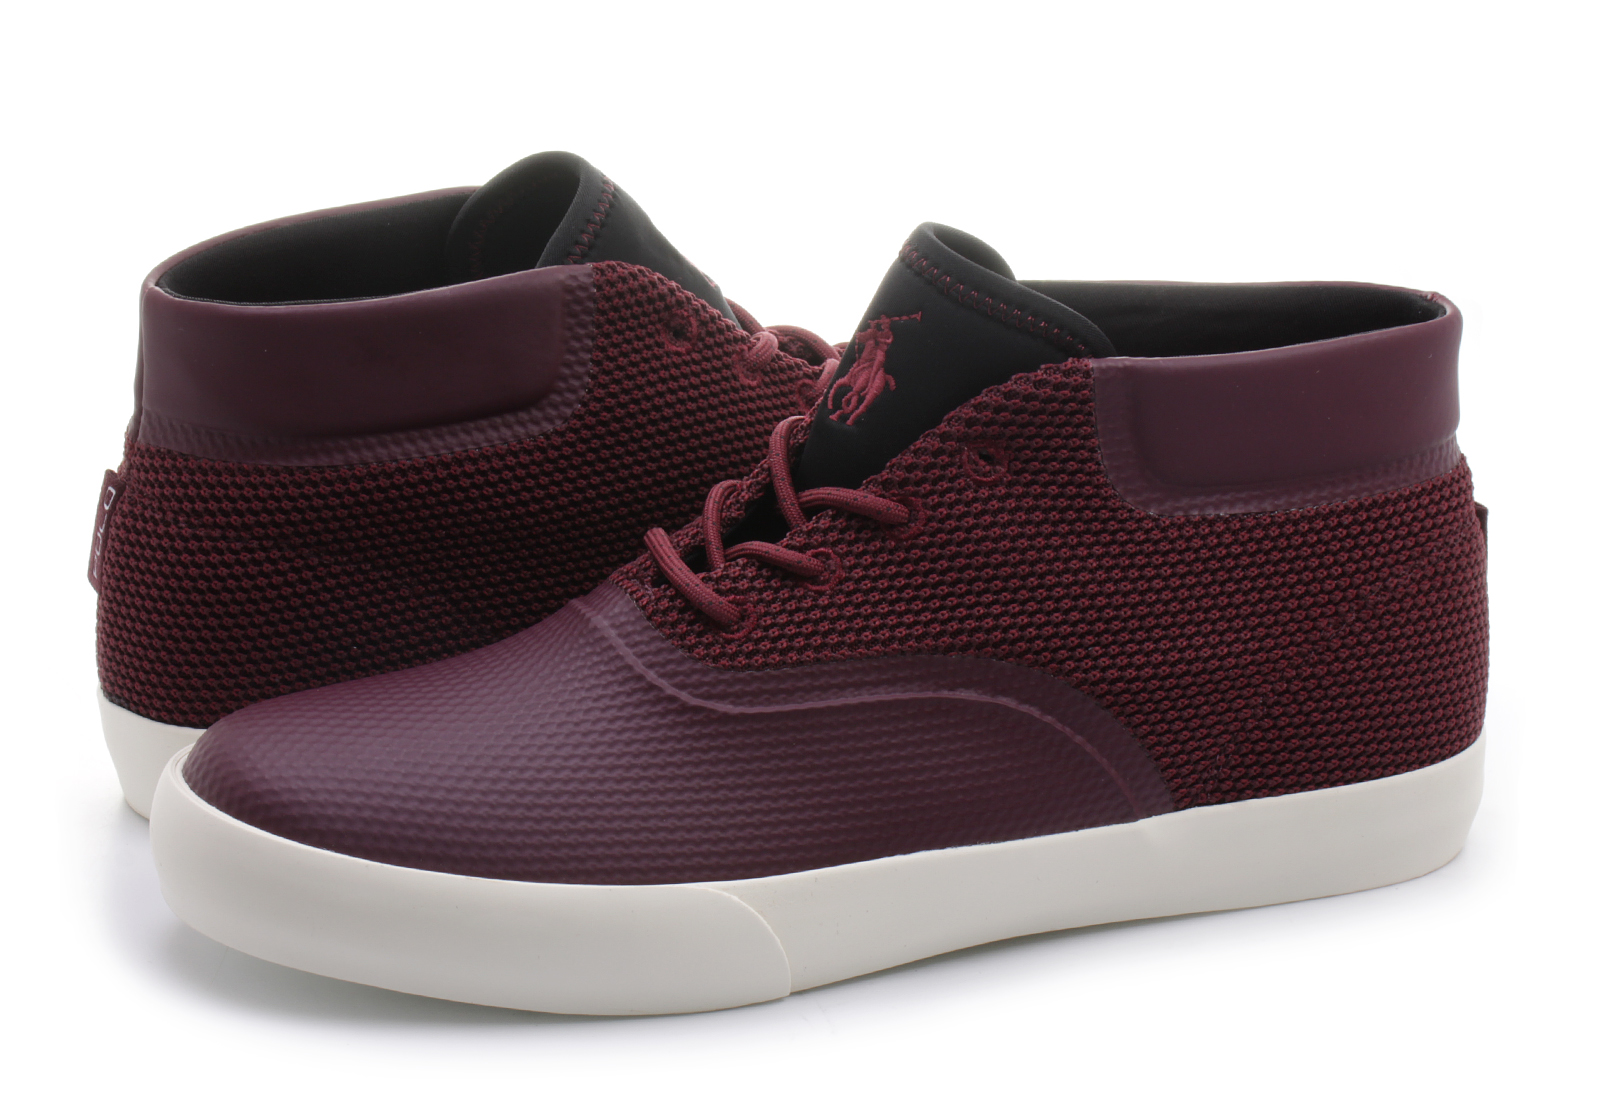 159276abcf Polo Ralph Lauren Shoes - Vadik-ne - 816678120005 - Online shop for ...